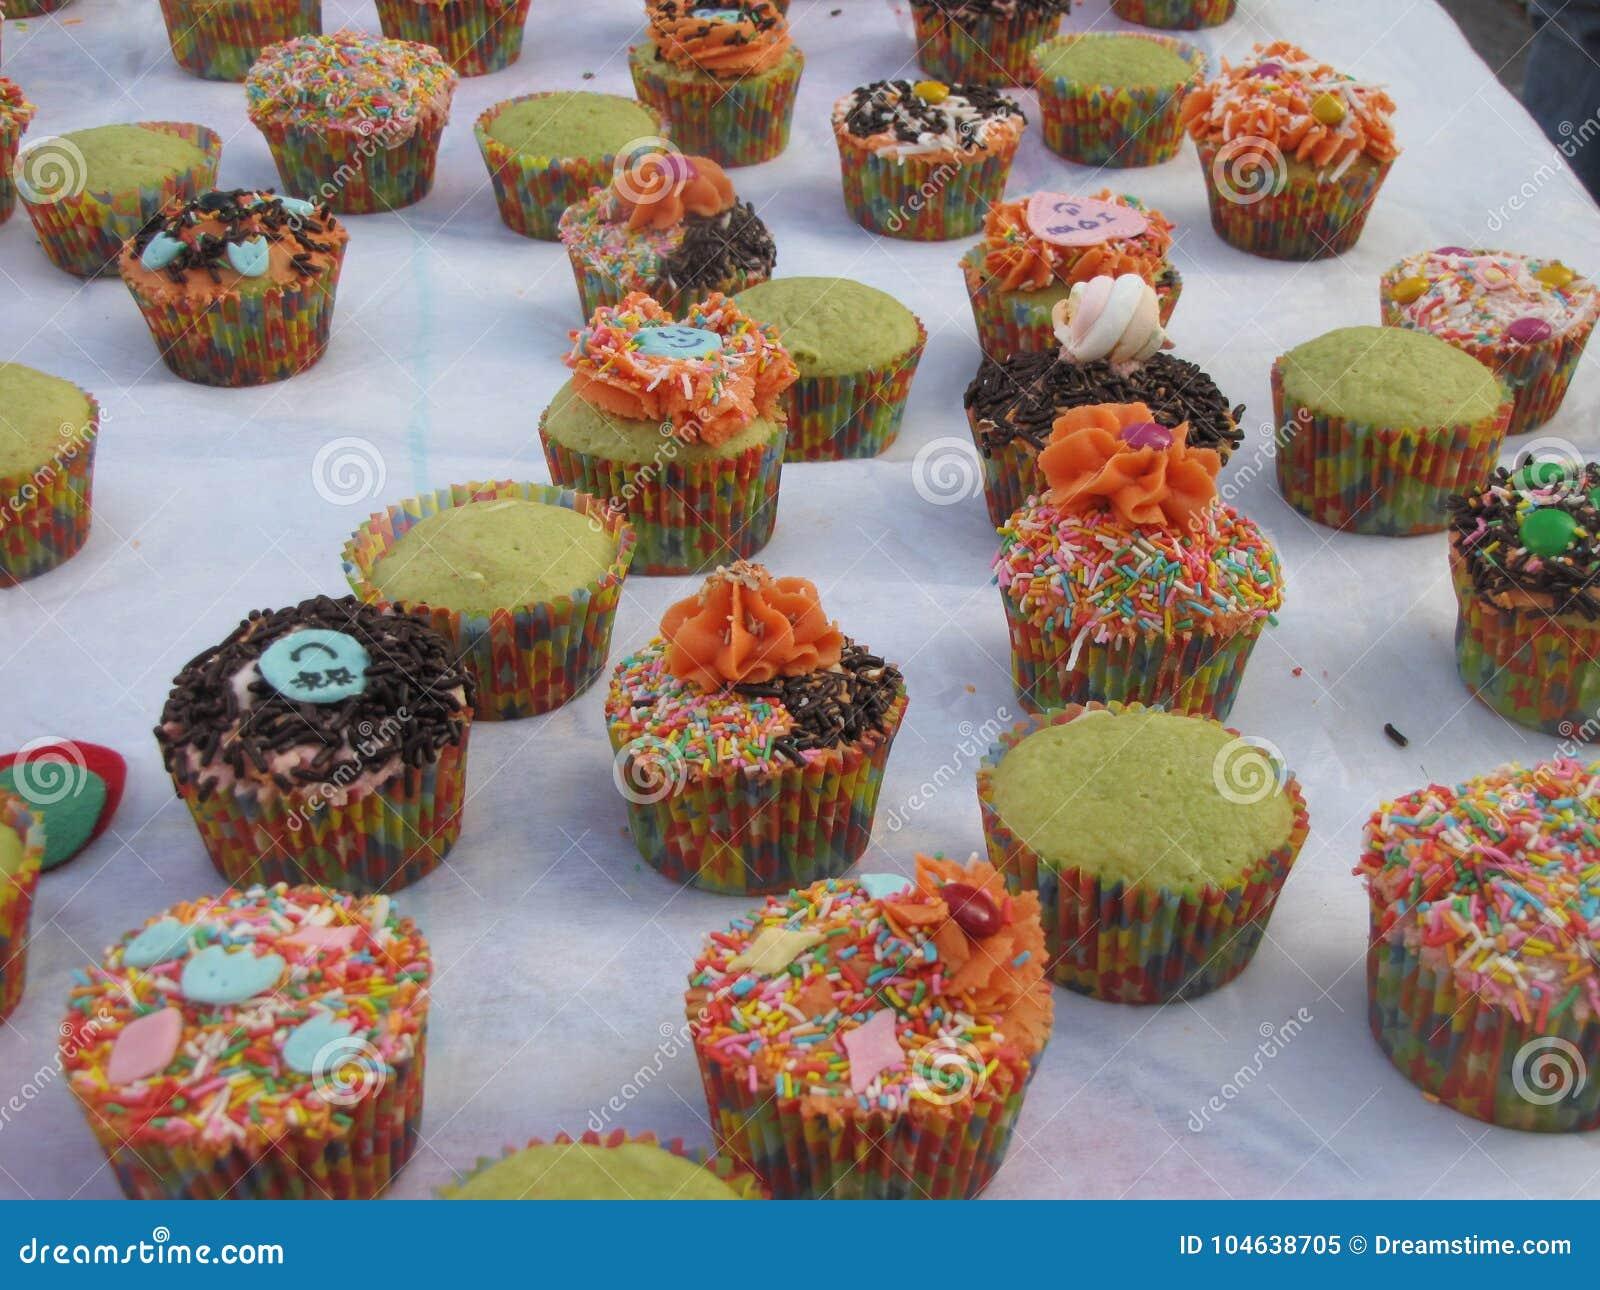 Download Lelijke cupcakes stock afbeelding. Afbeelding bestaande uit kids - 104638705